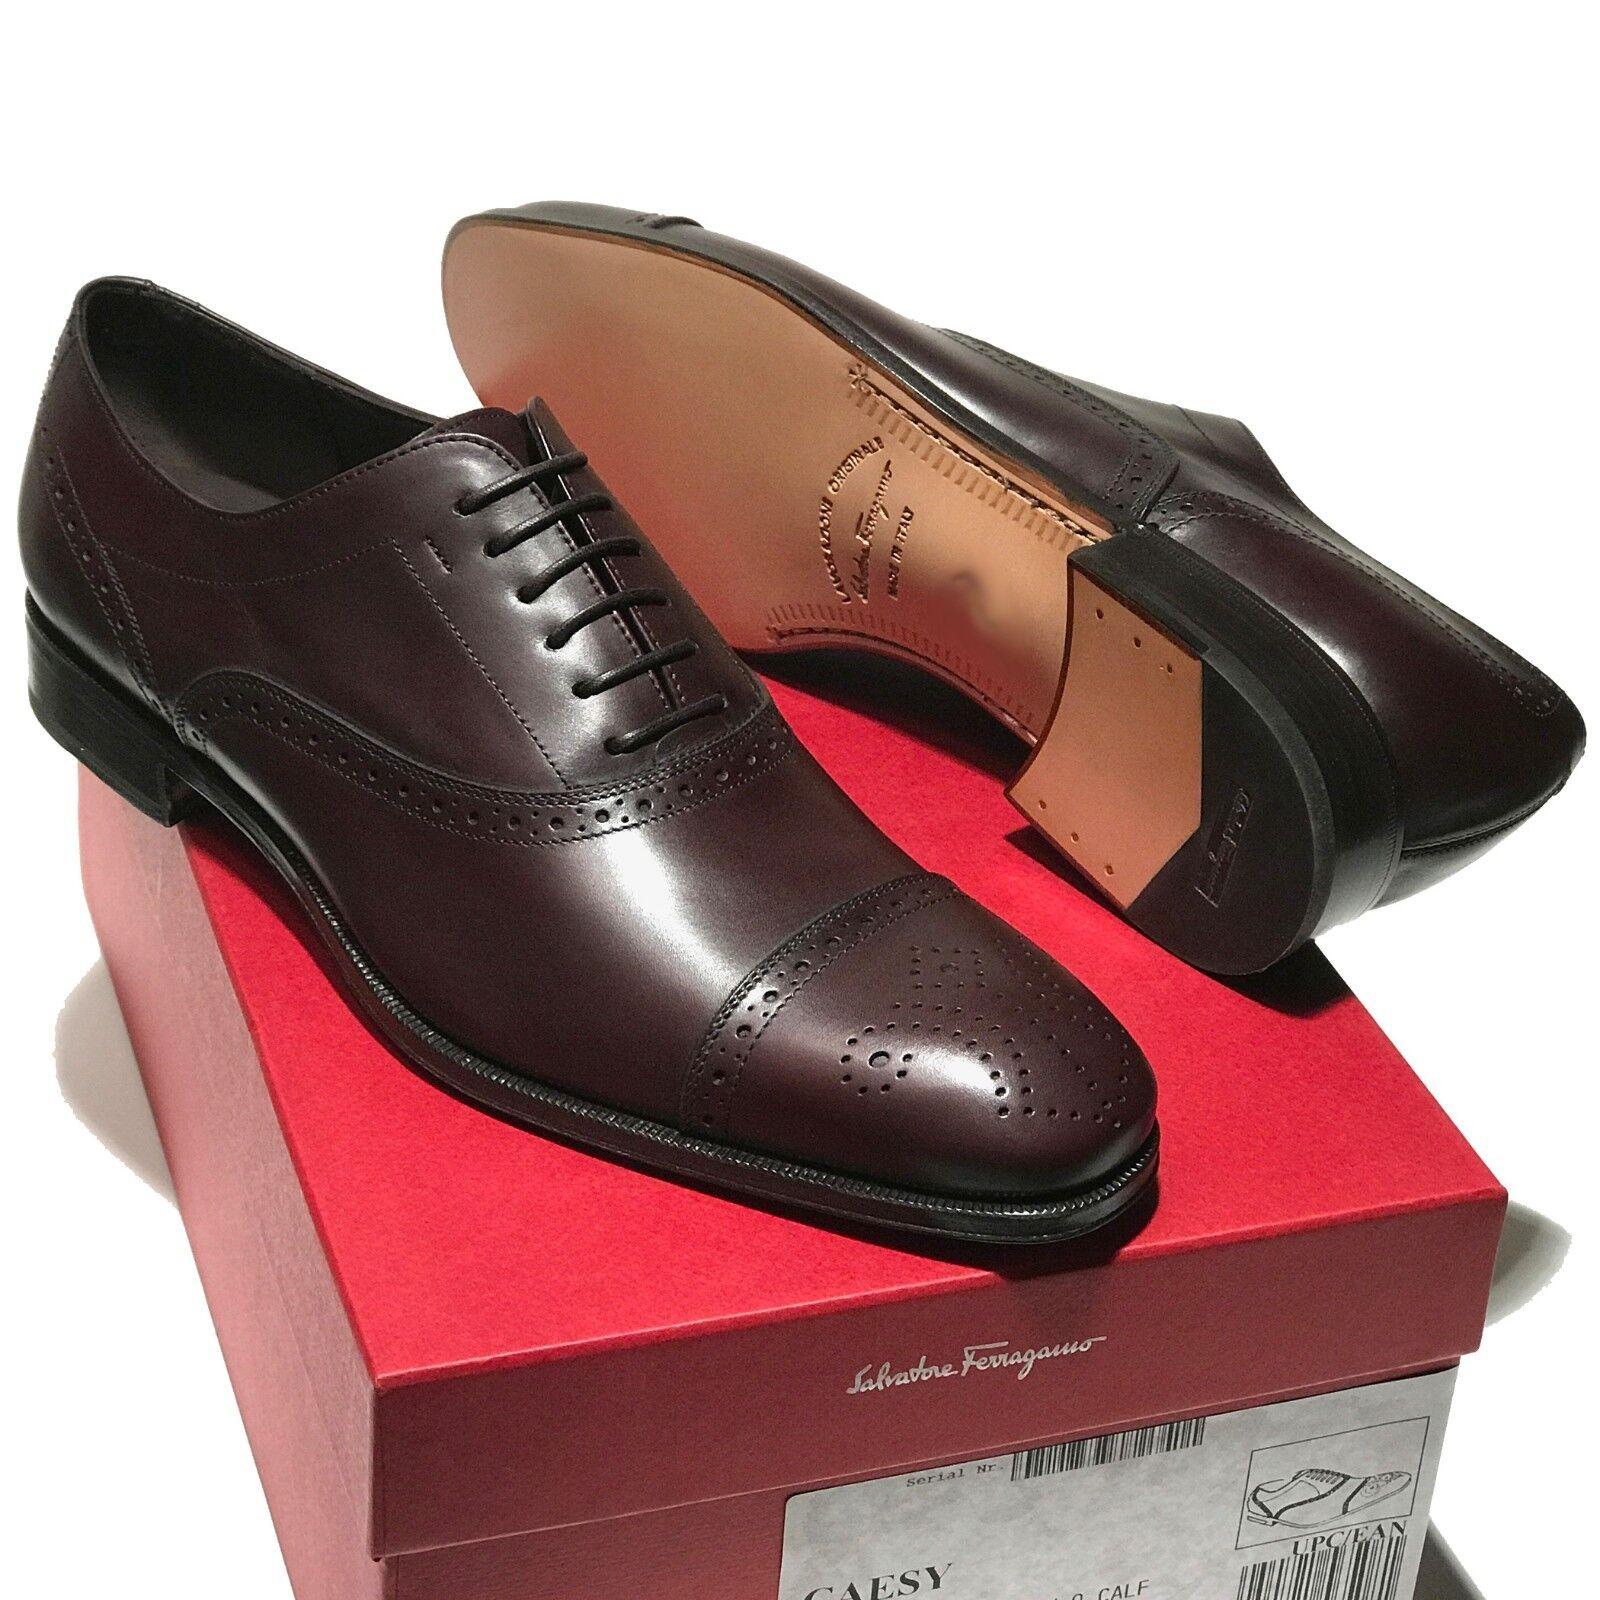 Ferragamo CAESY Brown Captoe Pelle Pelle Pelle Oxford 9.5 D 42.5 Dress Shoes Brogue Brandy 2c7f88